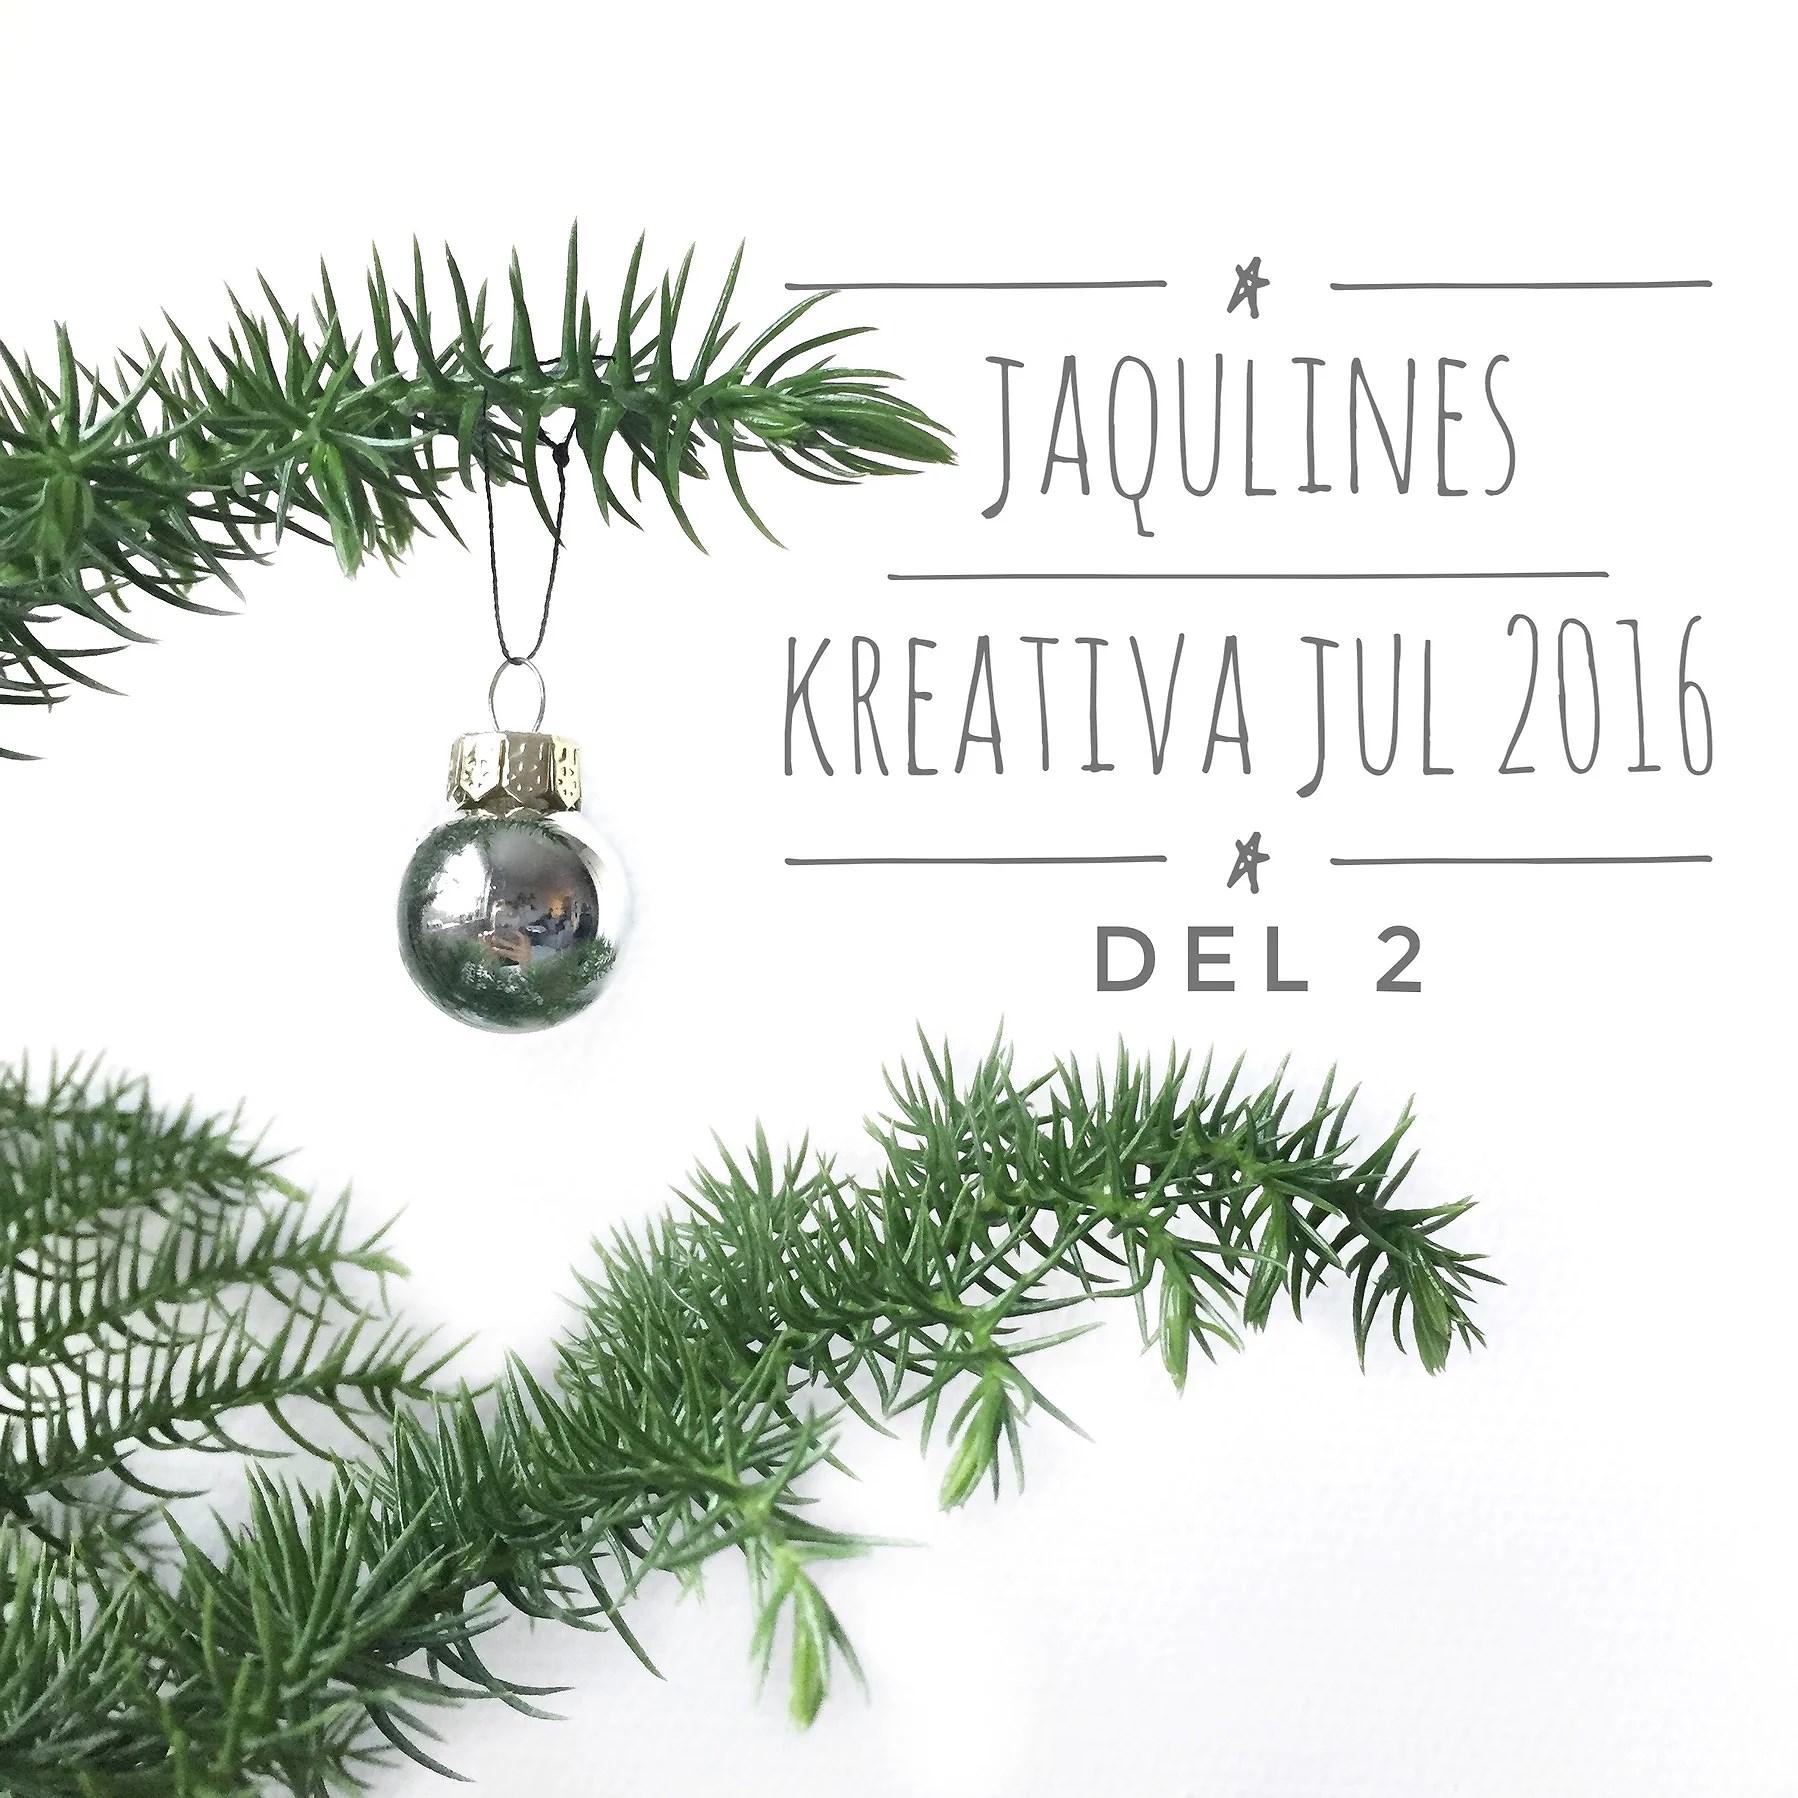 Jaqulines kreativa jul 2016 - del 2